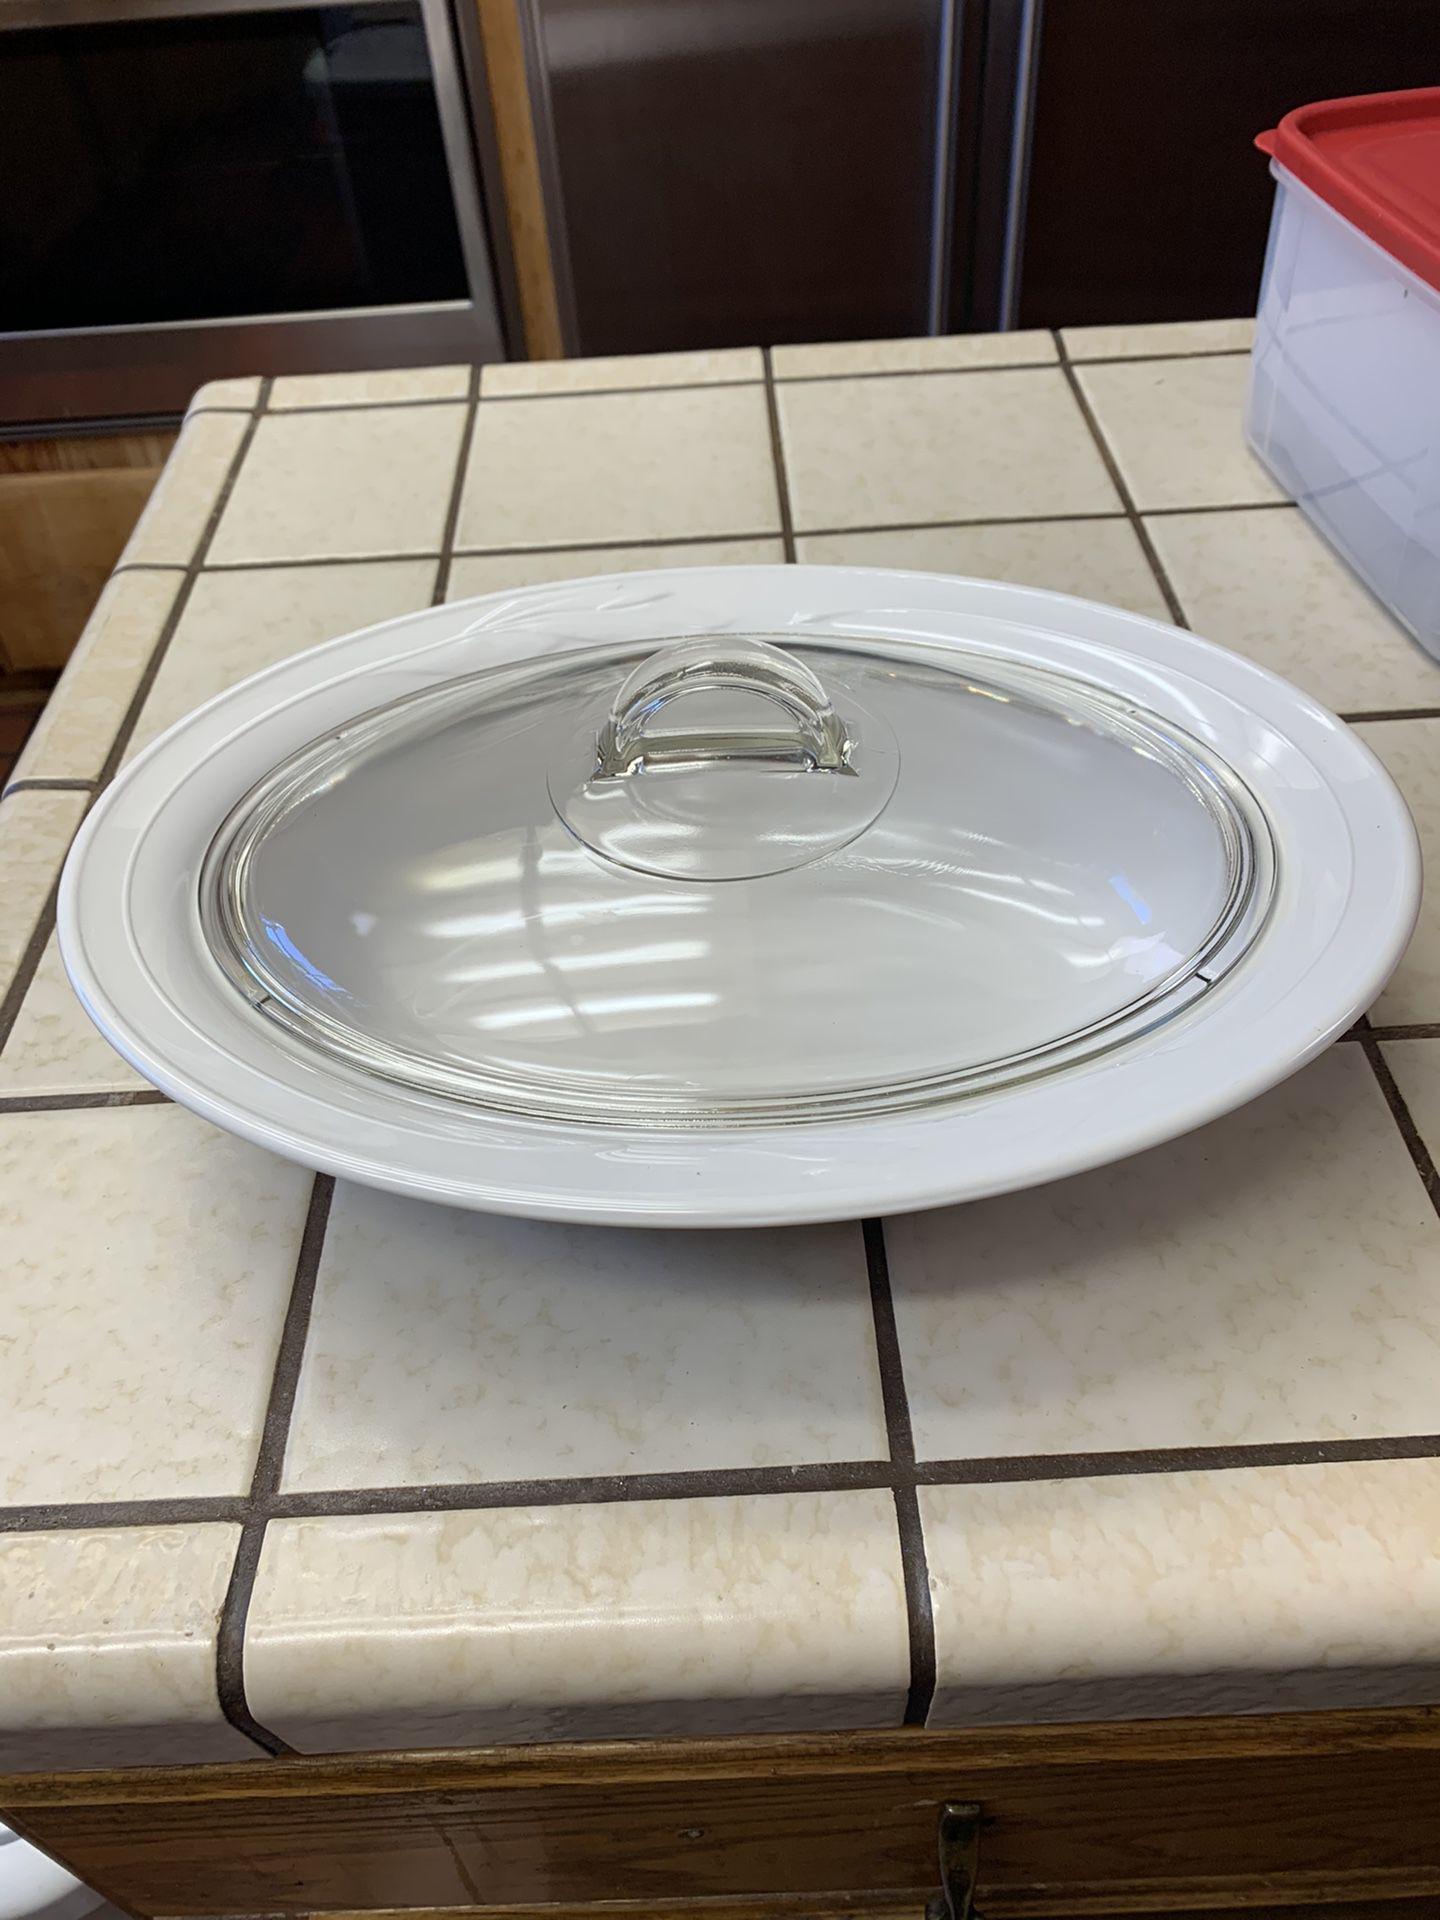 Corningware cookware baking dish